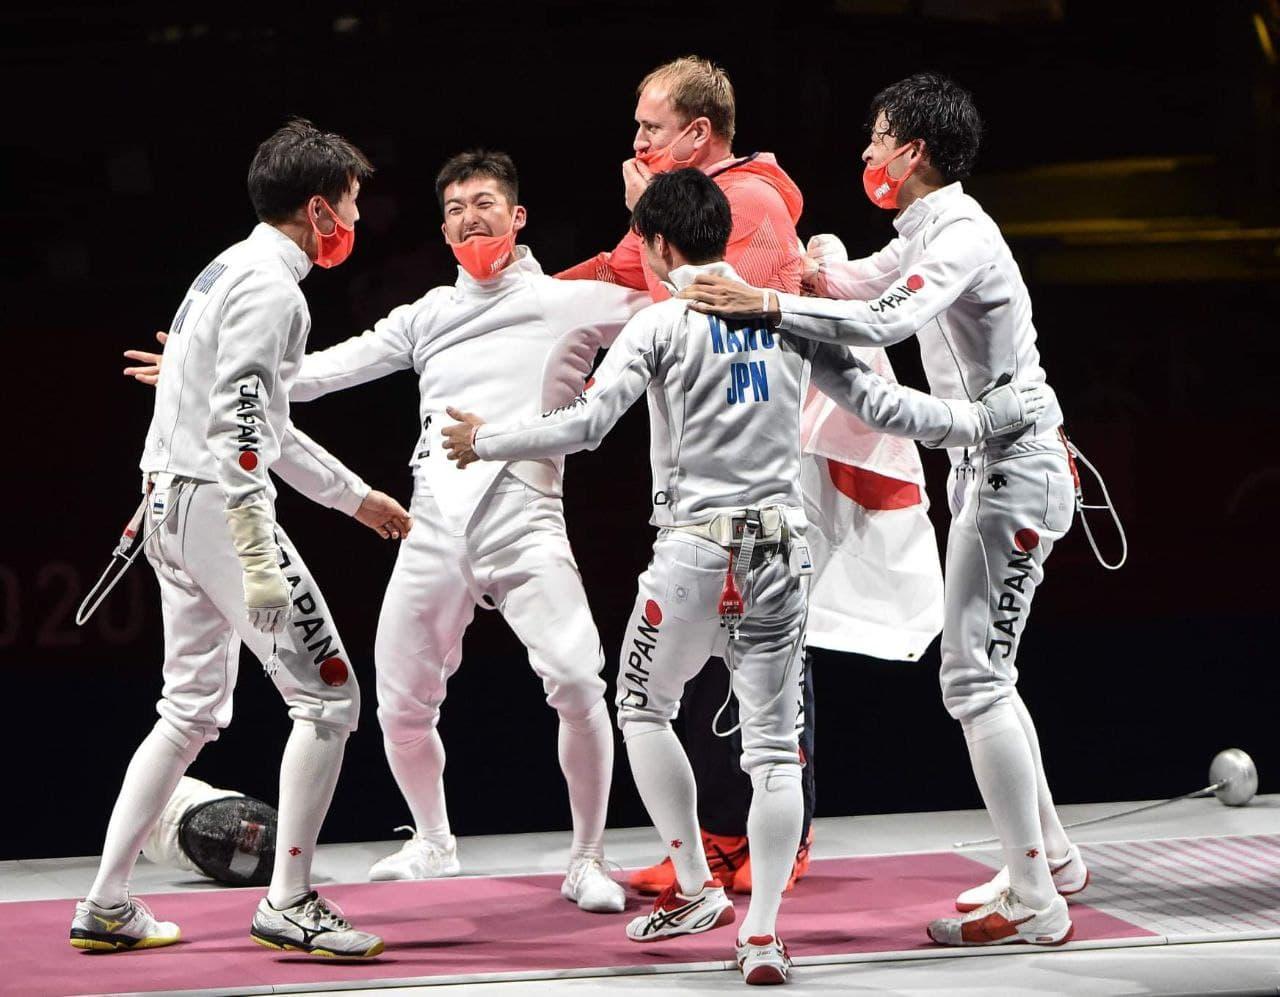 Японцы выиграли командный турнир по фехтованию на шпагах под руководством харьковского тренера - фото 4